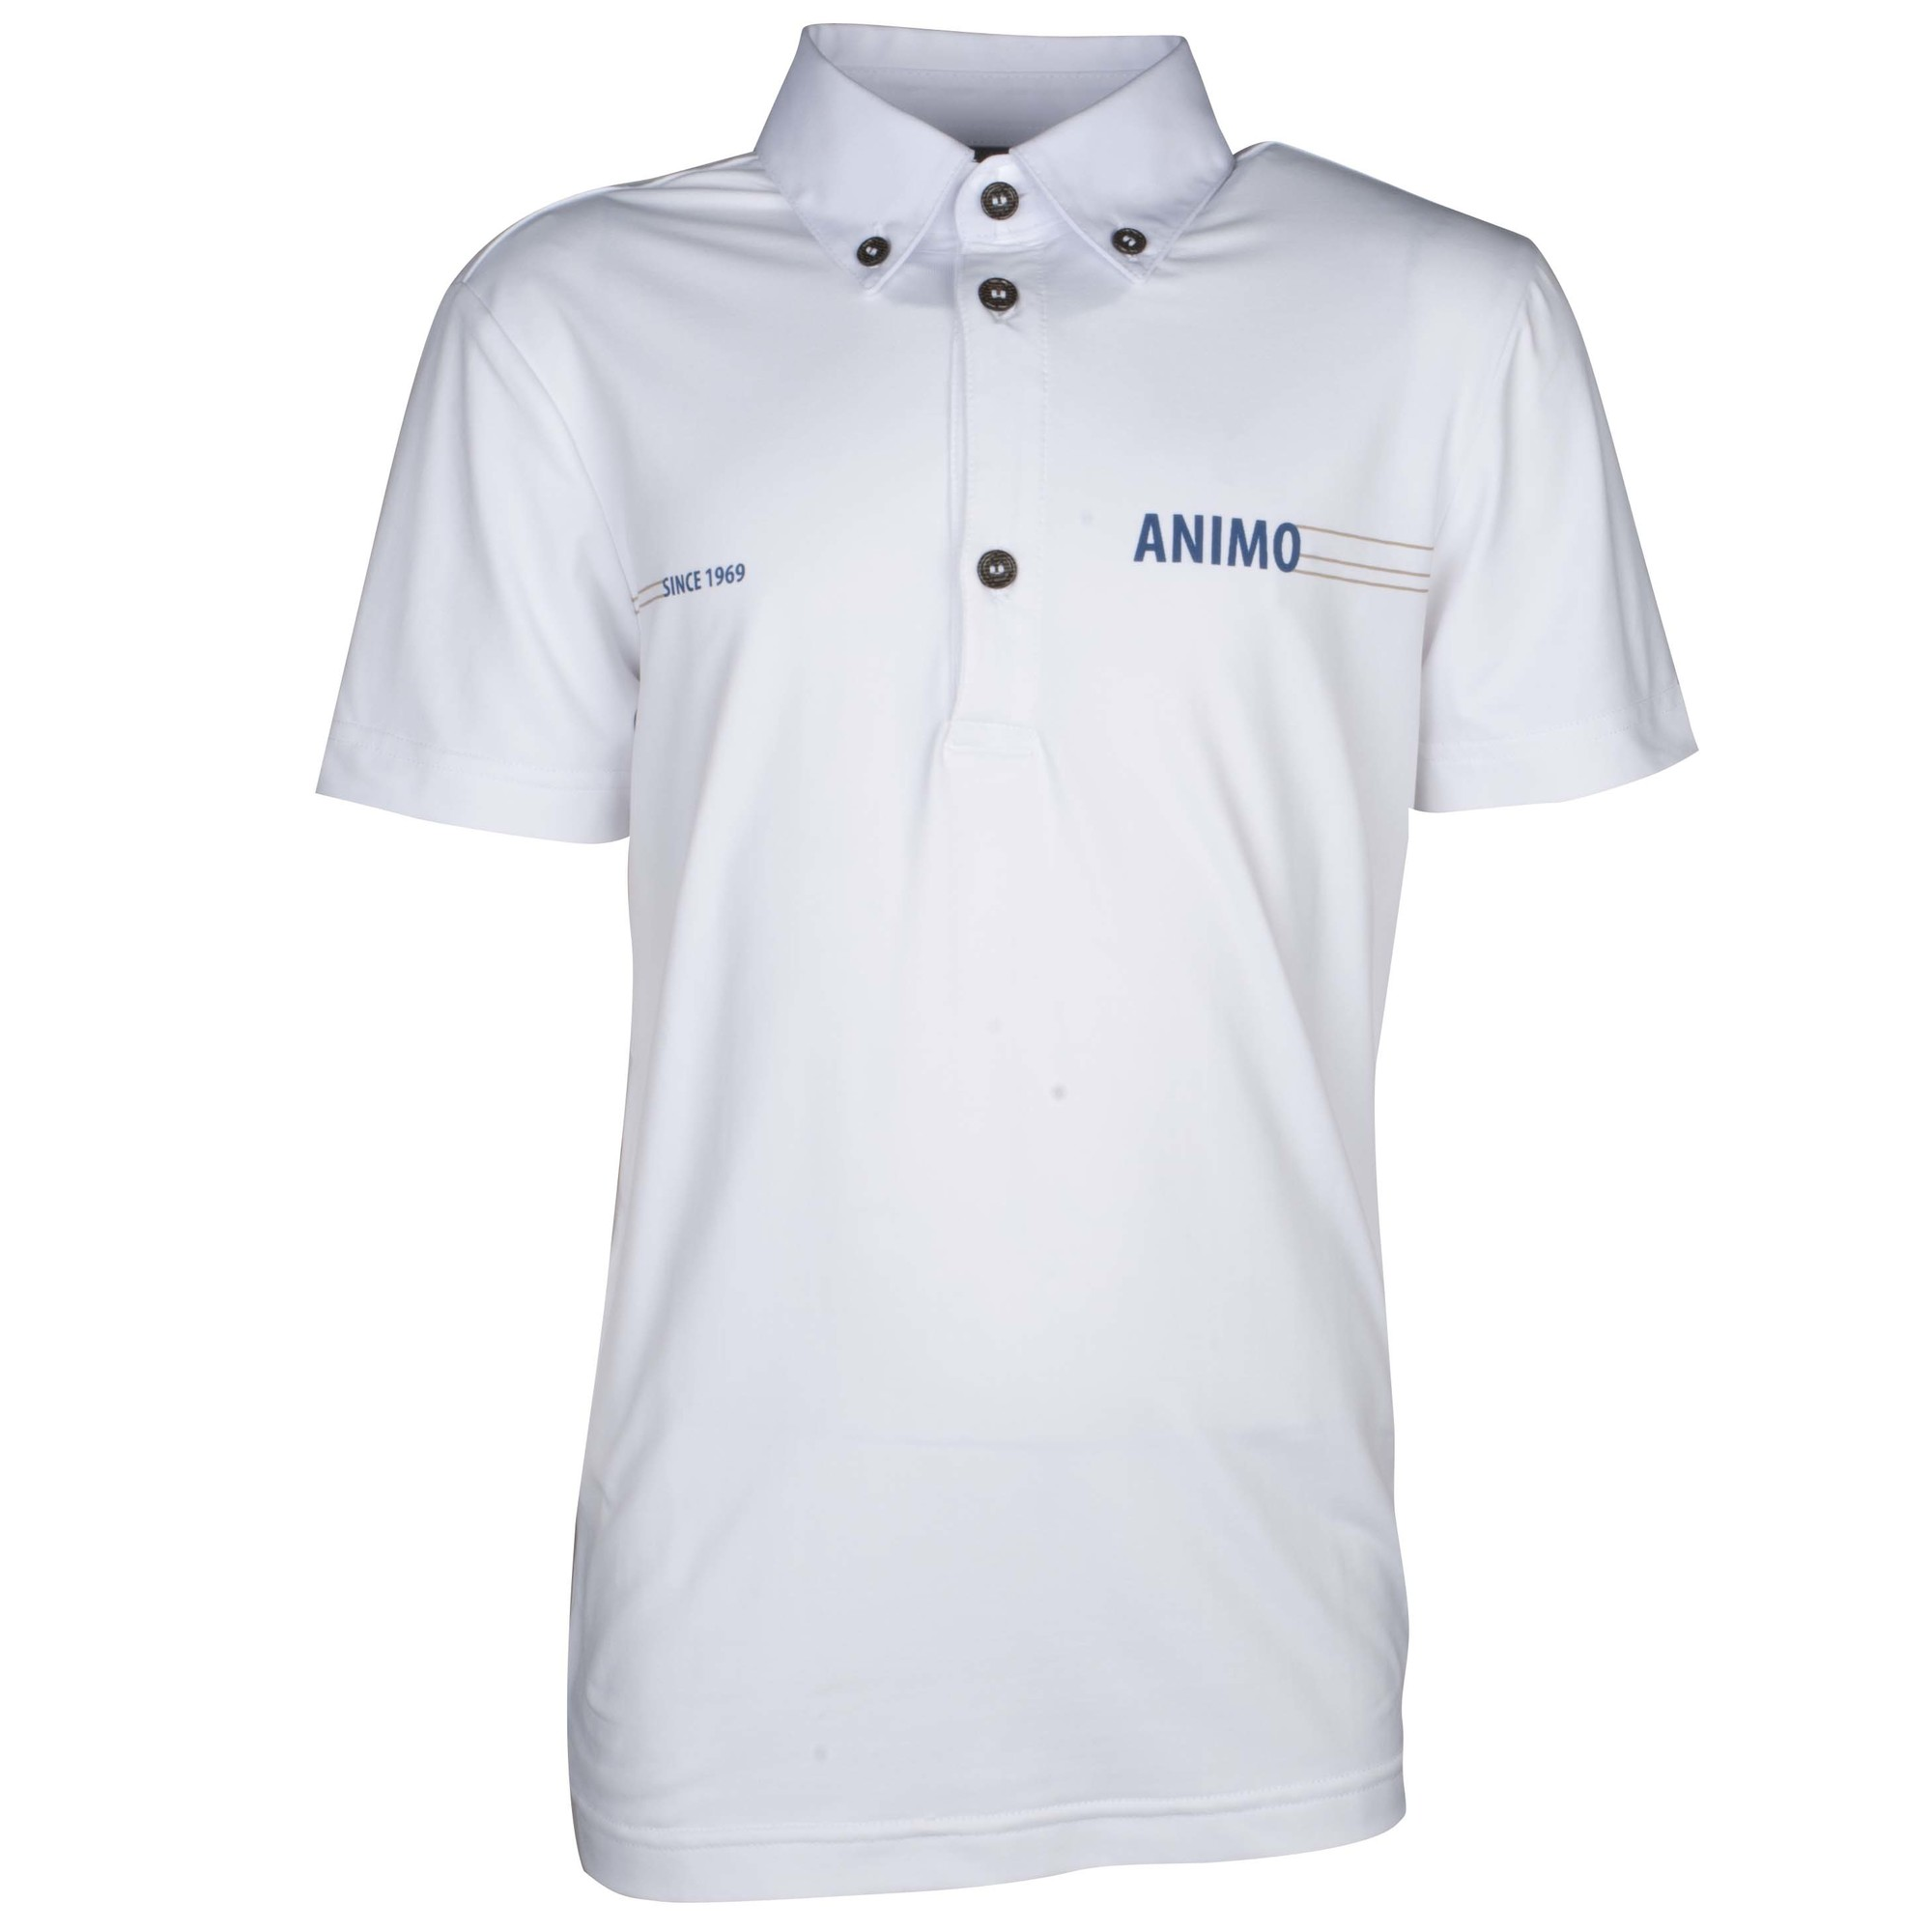 Animo Amilka kinder wedstrijdshirt wit maat:140